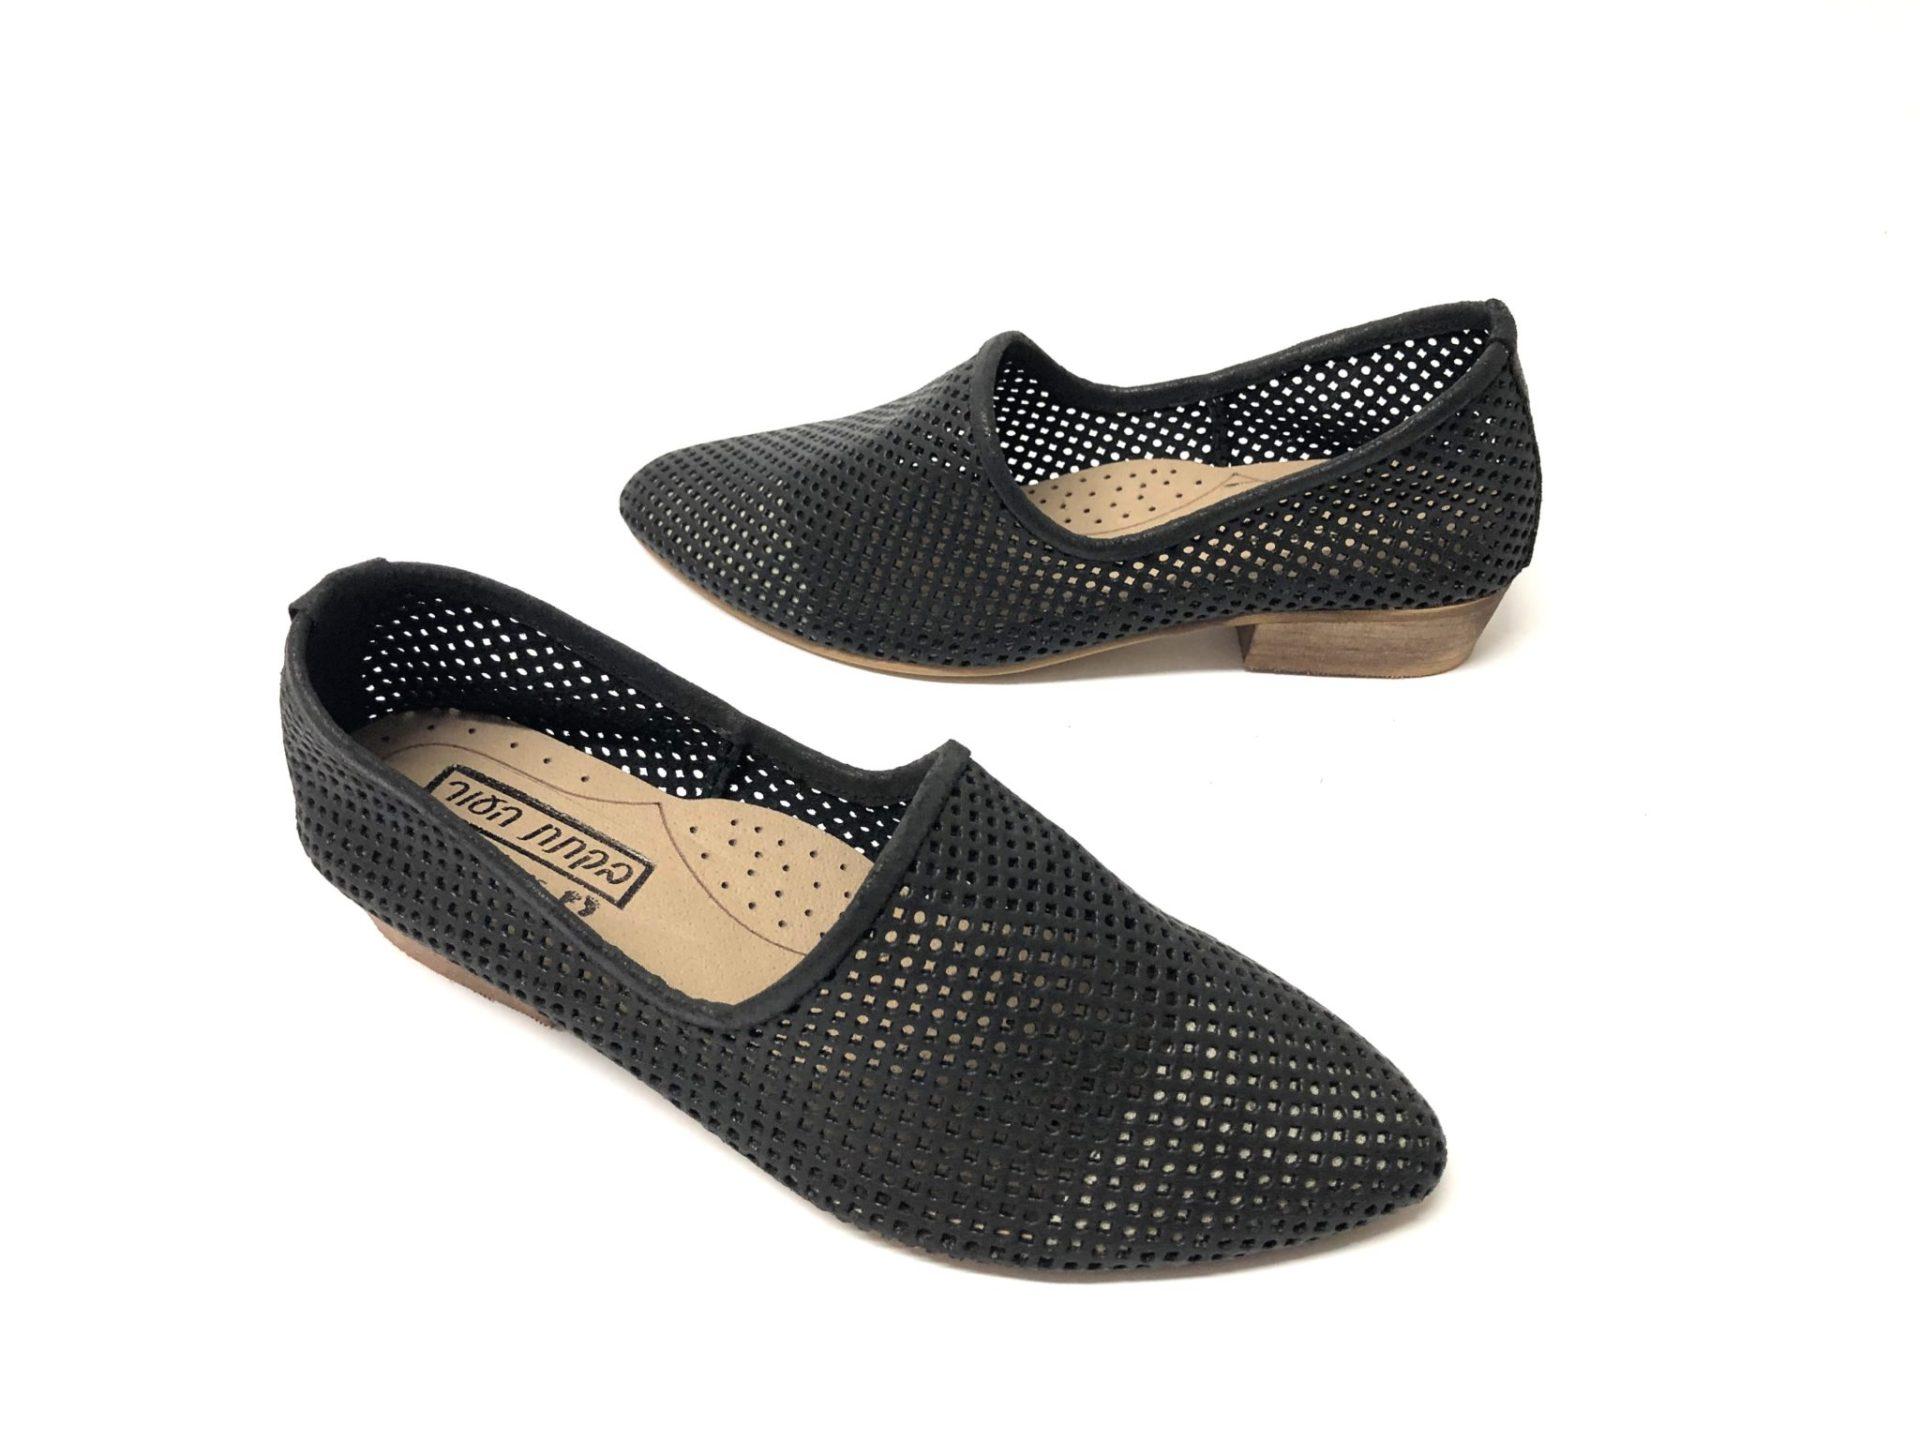 דגם 1245 : נעל מוקסין מחורר בצבע שחור